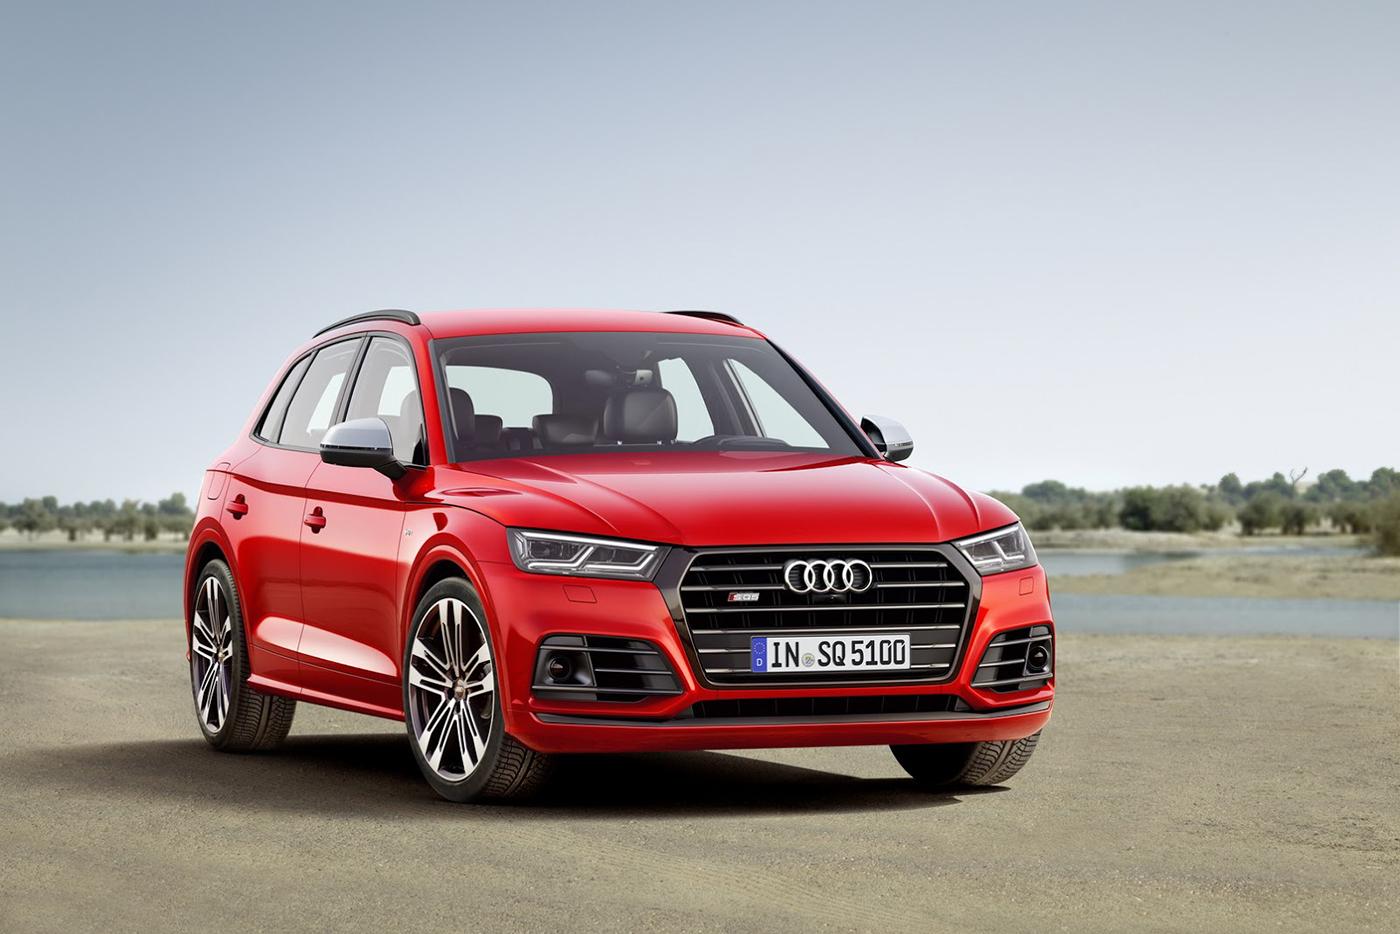 Audi giới thiệu SQ5 hoàn toàn mới, công suất 350 mã lực - ảnh 2